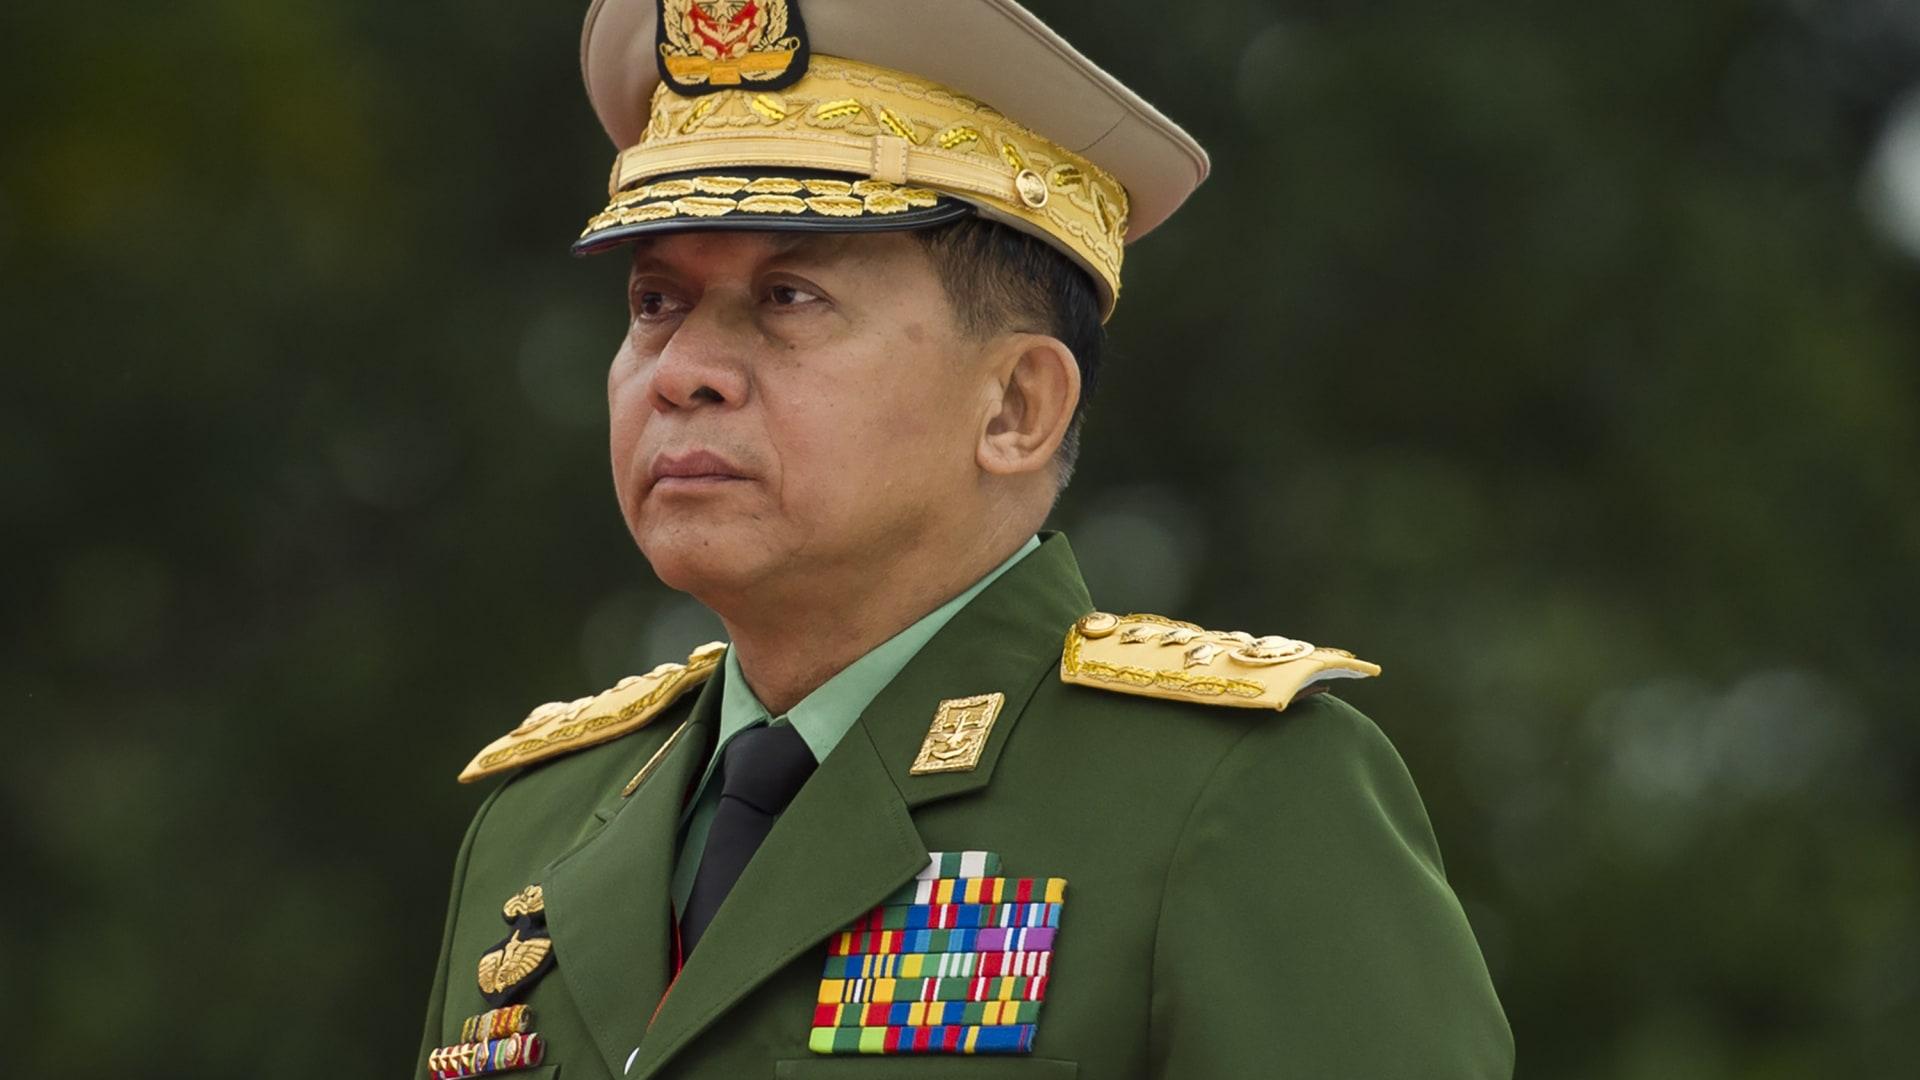 """بعد الانقلاب العسكري.. من هو مين أونغ هلانغن المتهم بـ""""فظائع"""" ضد الروهينغا؟"""